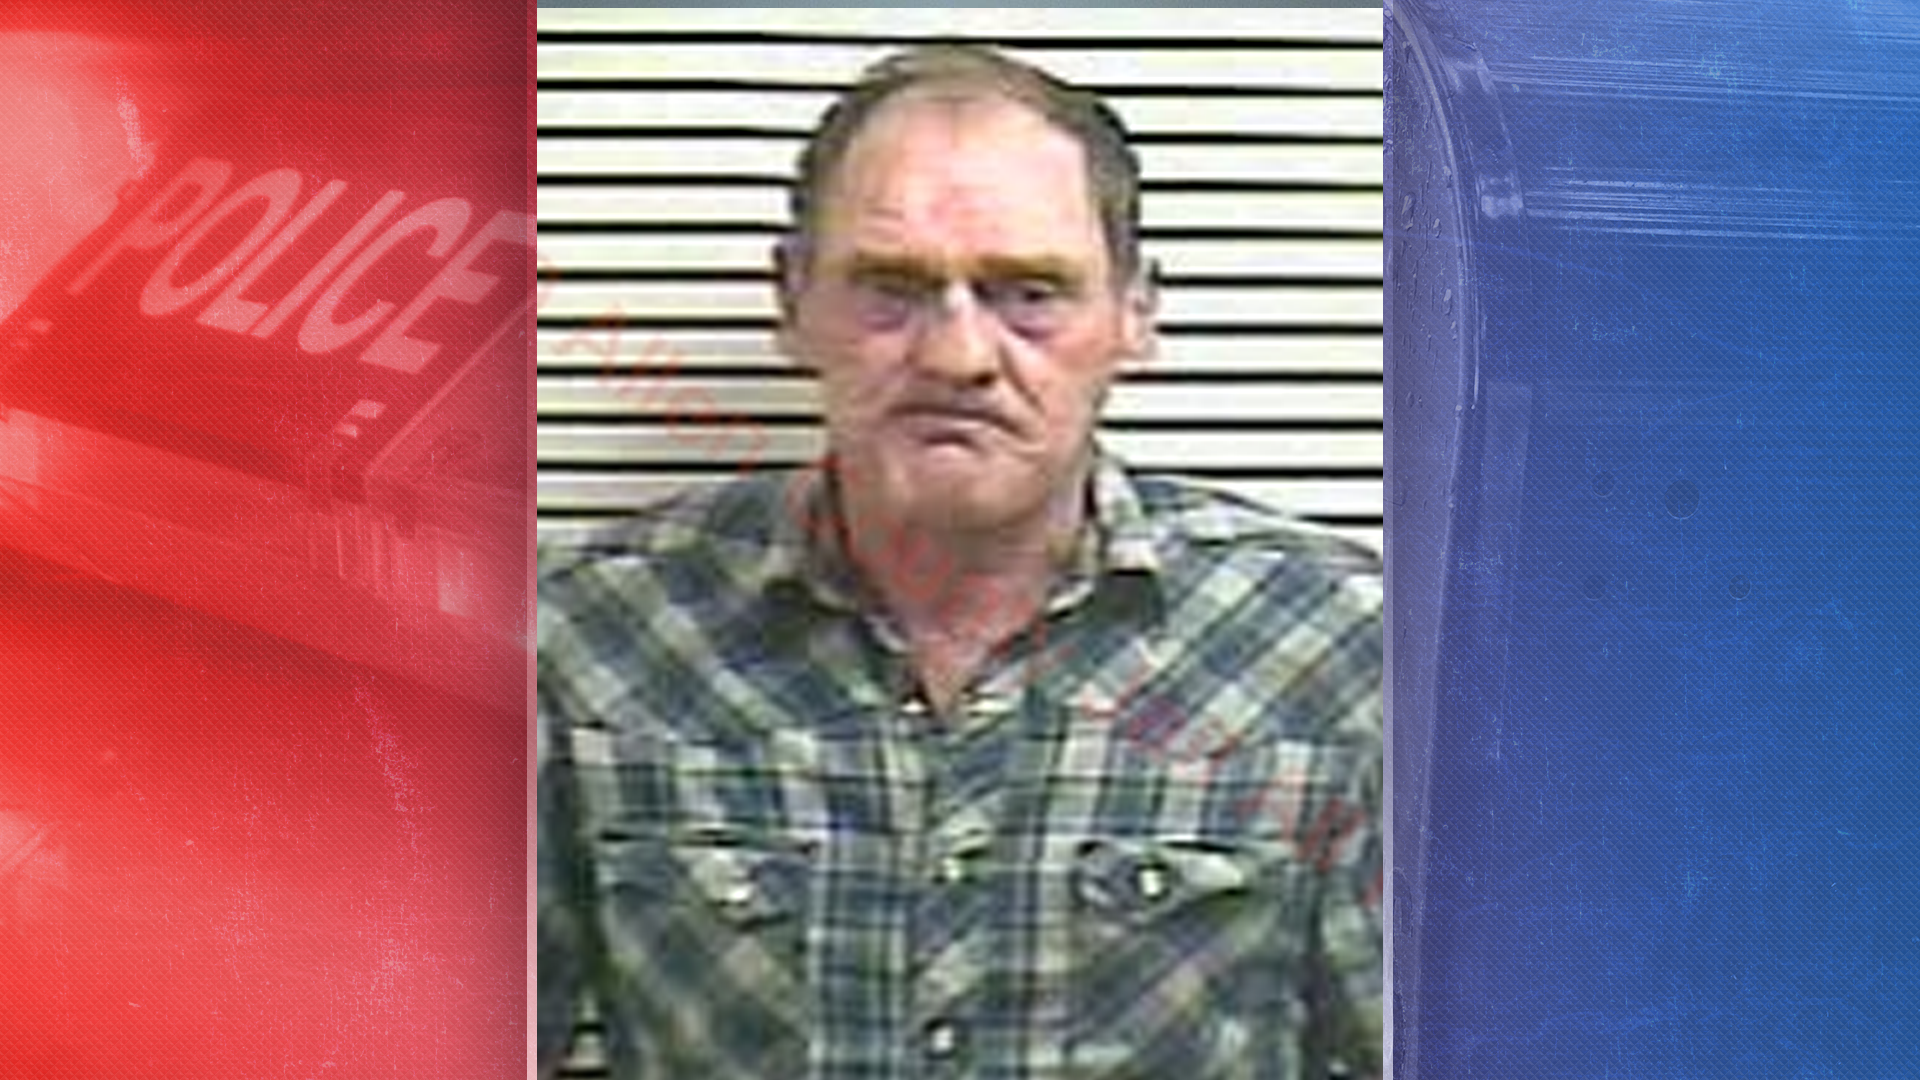 Arrest made in 2017 murder of Allen County man - WNKY